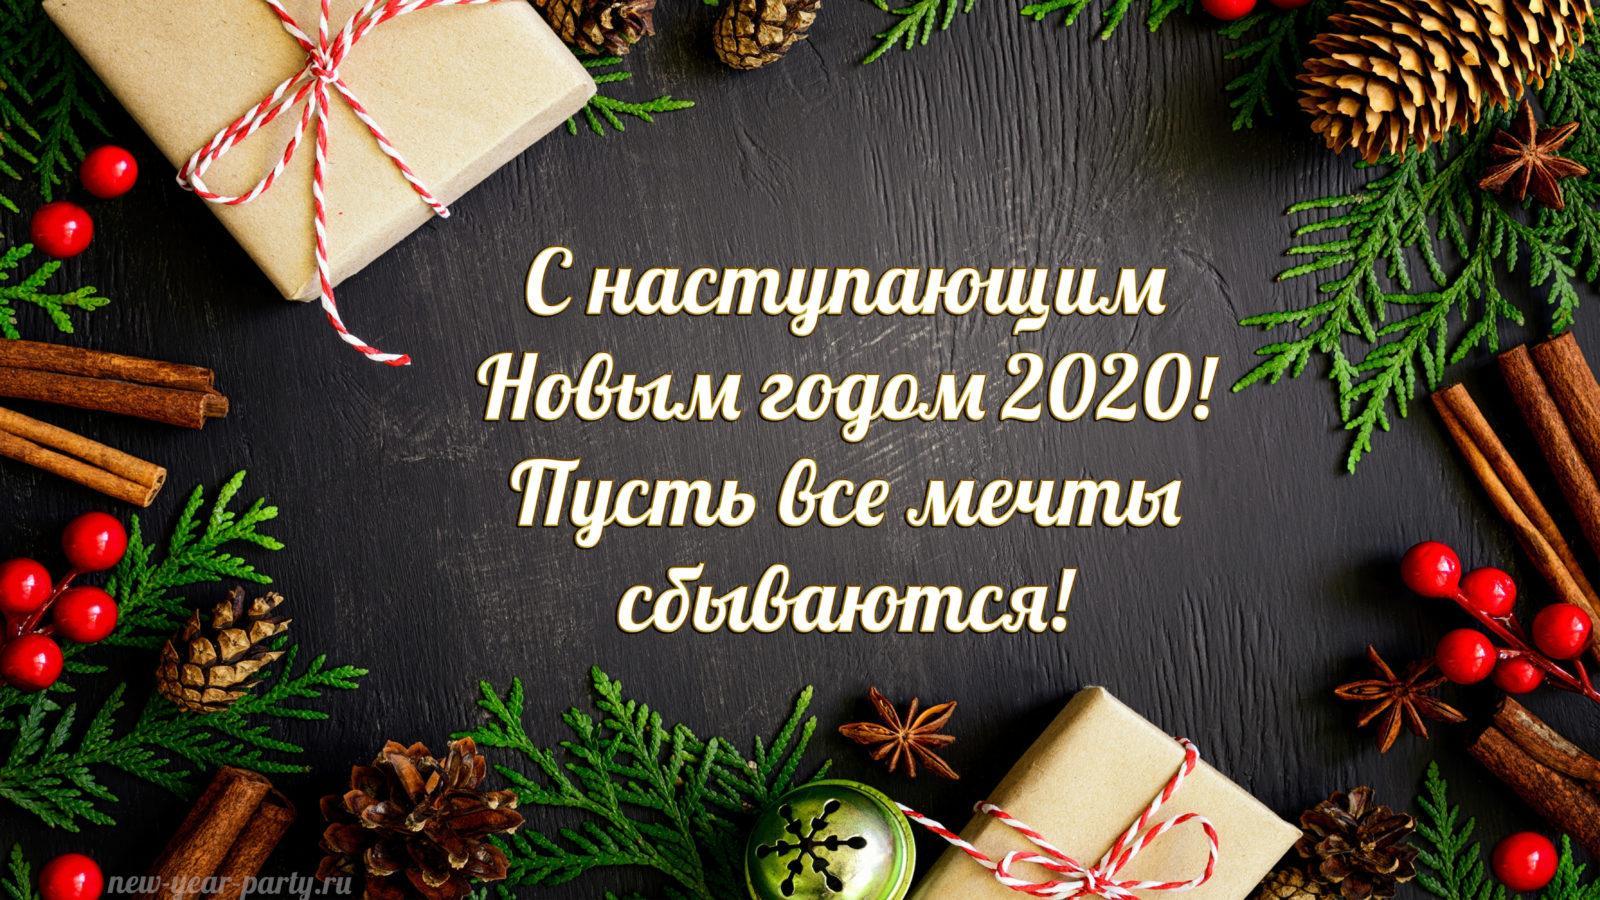 Красивые поздравления с наступающим Новым годом Крысы 2020